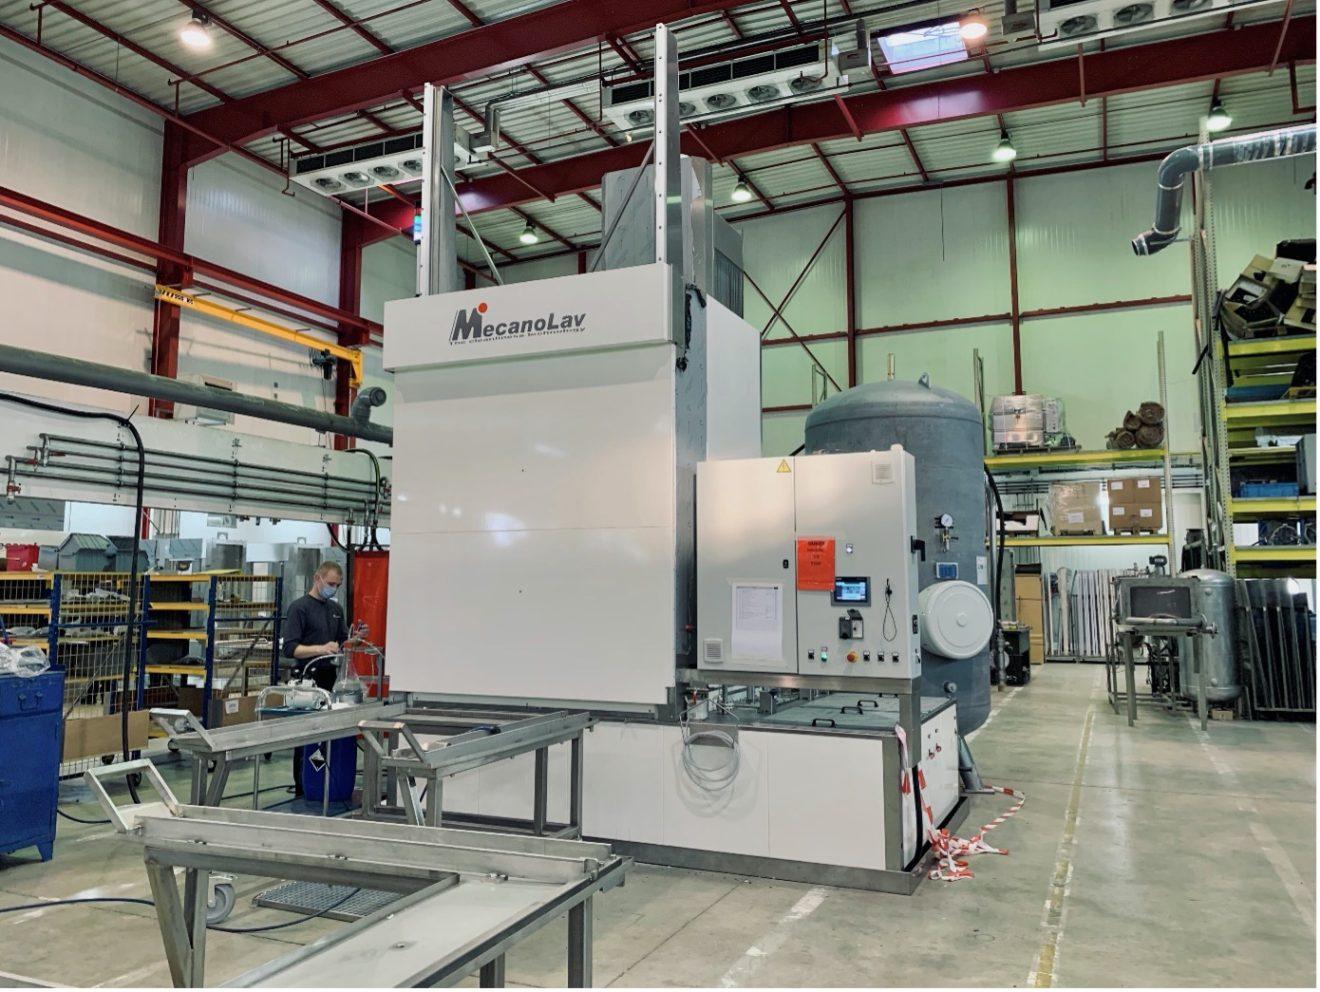 MecanoLav - Lavage final de pièce moteur aéronautique avec contrôle de propreté